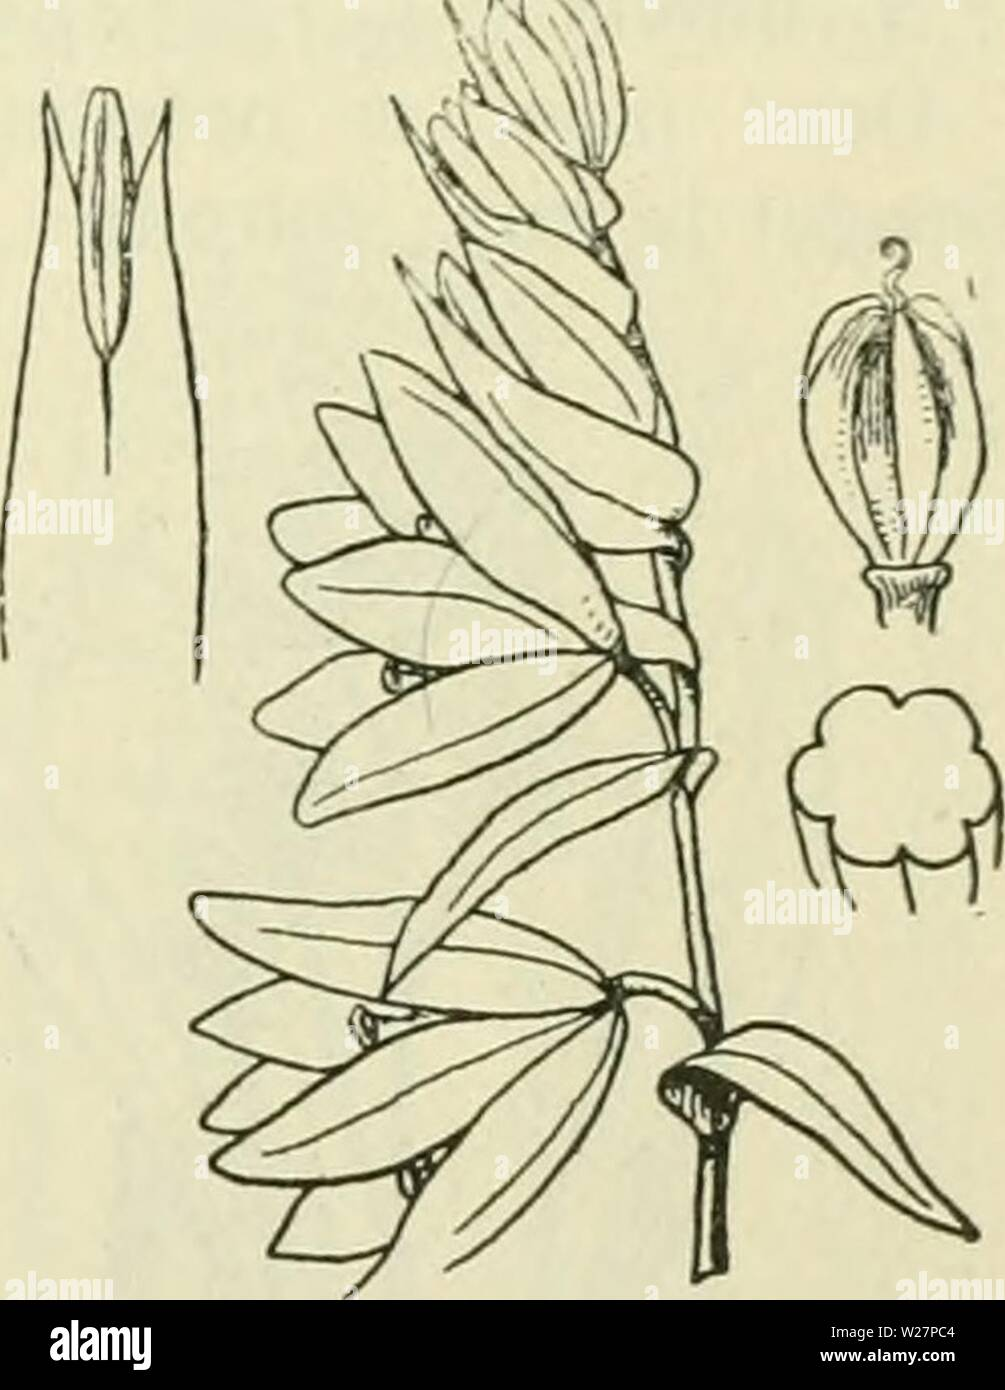 Archive image from page 304 of De flora van Nederland (1909-11). De flora van Nederland  defloravannederl01heuk Year: 1909-11.  FAMILIE 10. — LILIACEAE. — 263 Biologische bijzonderheden. De blocnicn sluiten zich des nachts en bij regen. Zij zijn onvolkomen proterogynisch. De binnenste krans meeldraden is langer dan de andere, zij gaan het eerst, de andere een dag later open. In de pas geopende bloem staan alle schuin naar buiten en staan 3 mM van den stempel af. Zoolang dit zoo blijft, is de bloem op kruisbestuiving aangewezen. Doch tegen het einde van den bloeitijd gaan ze naar het midden toe - Stock Image